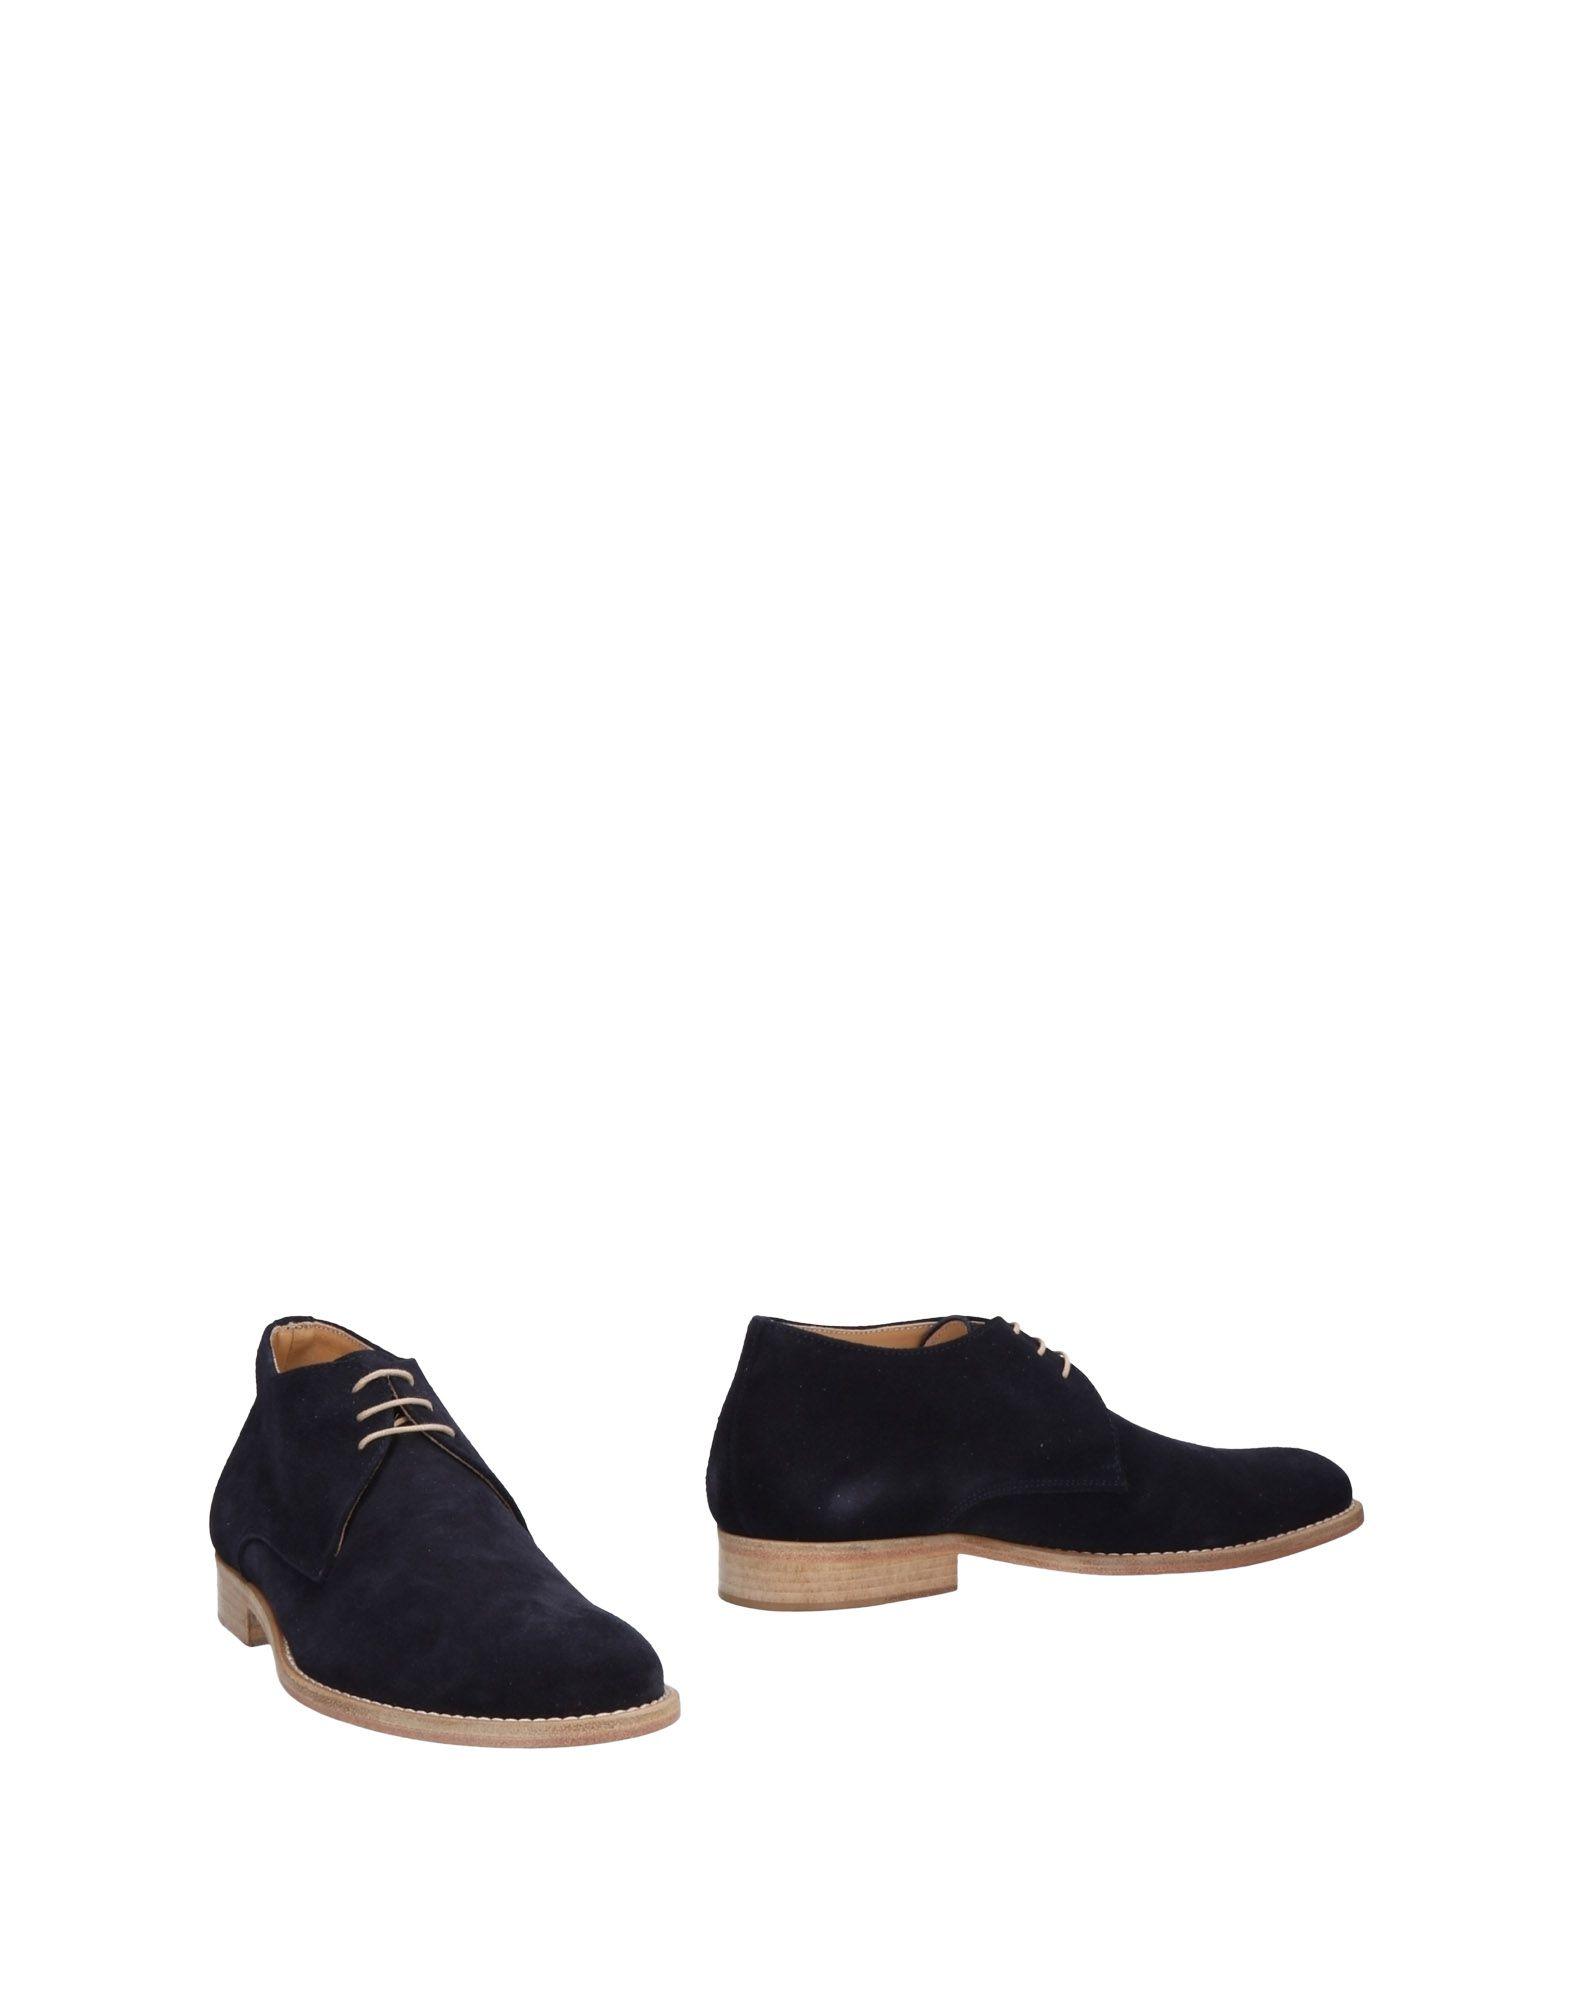 Giu Ferrigno Napoli Stiefelette Qualität Herren  11468017QC Gute Qualität Stiefelette beliebte Schuhe a67fc2